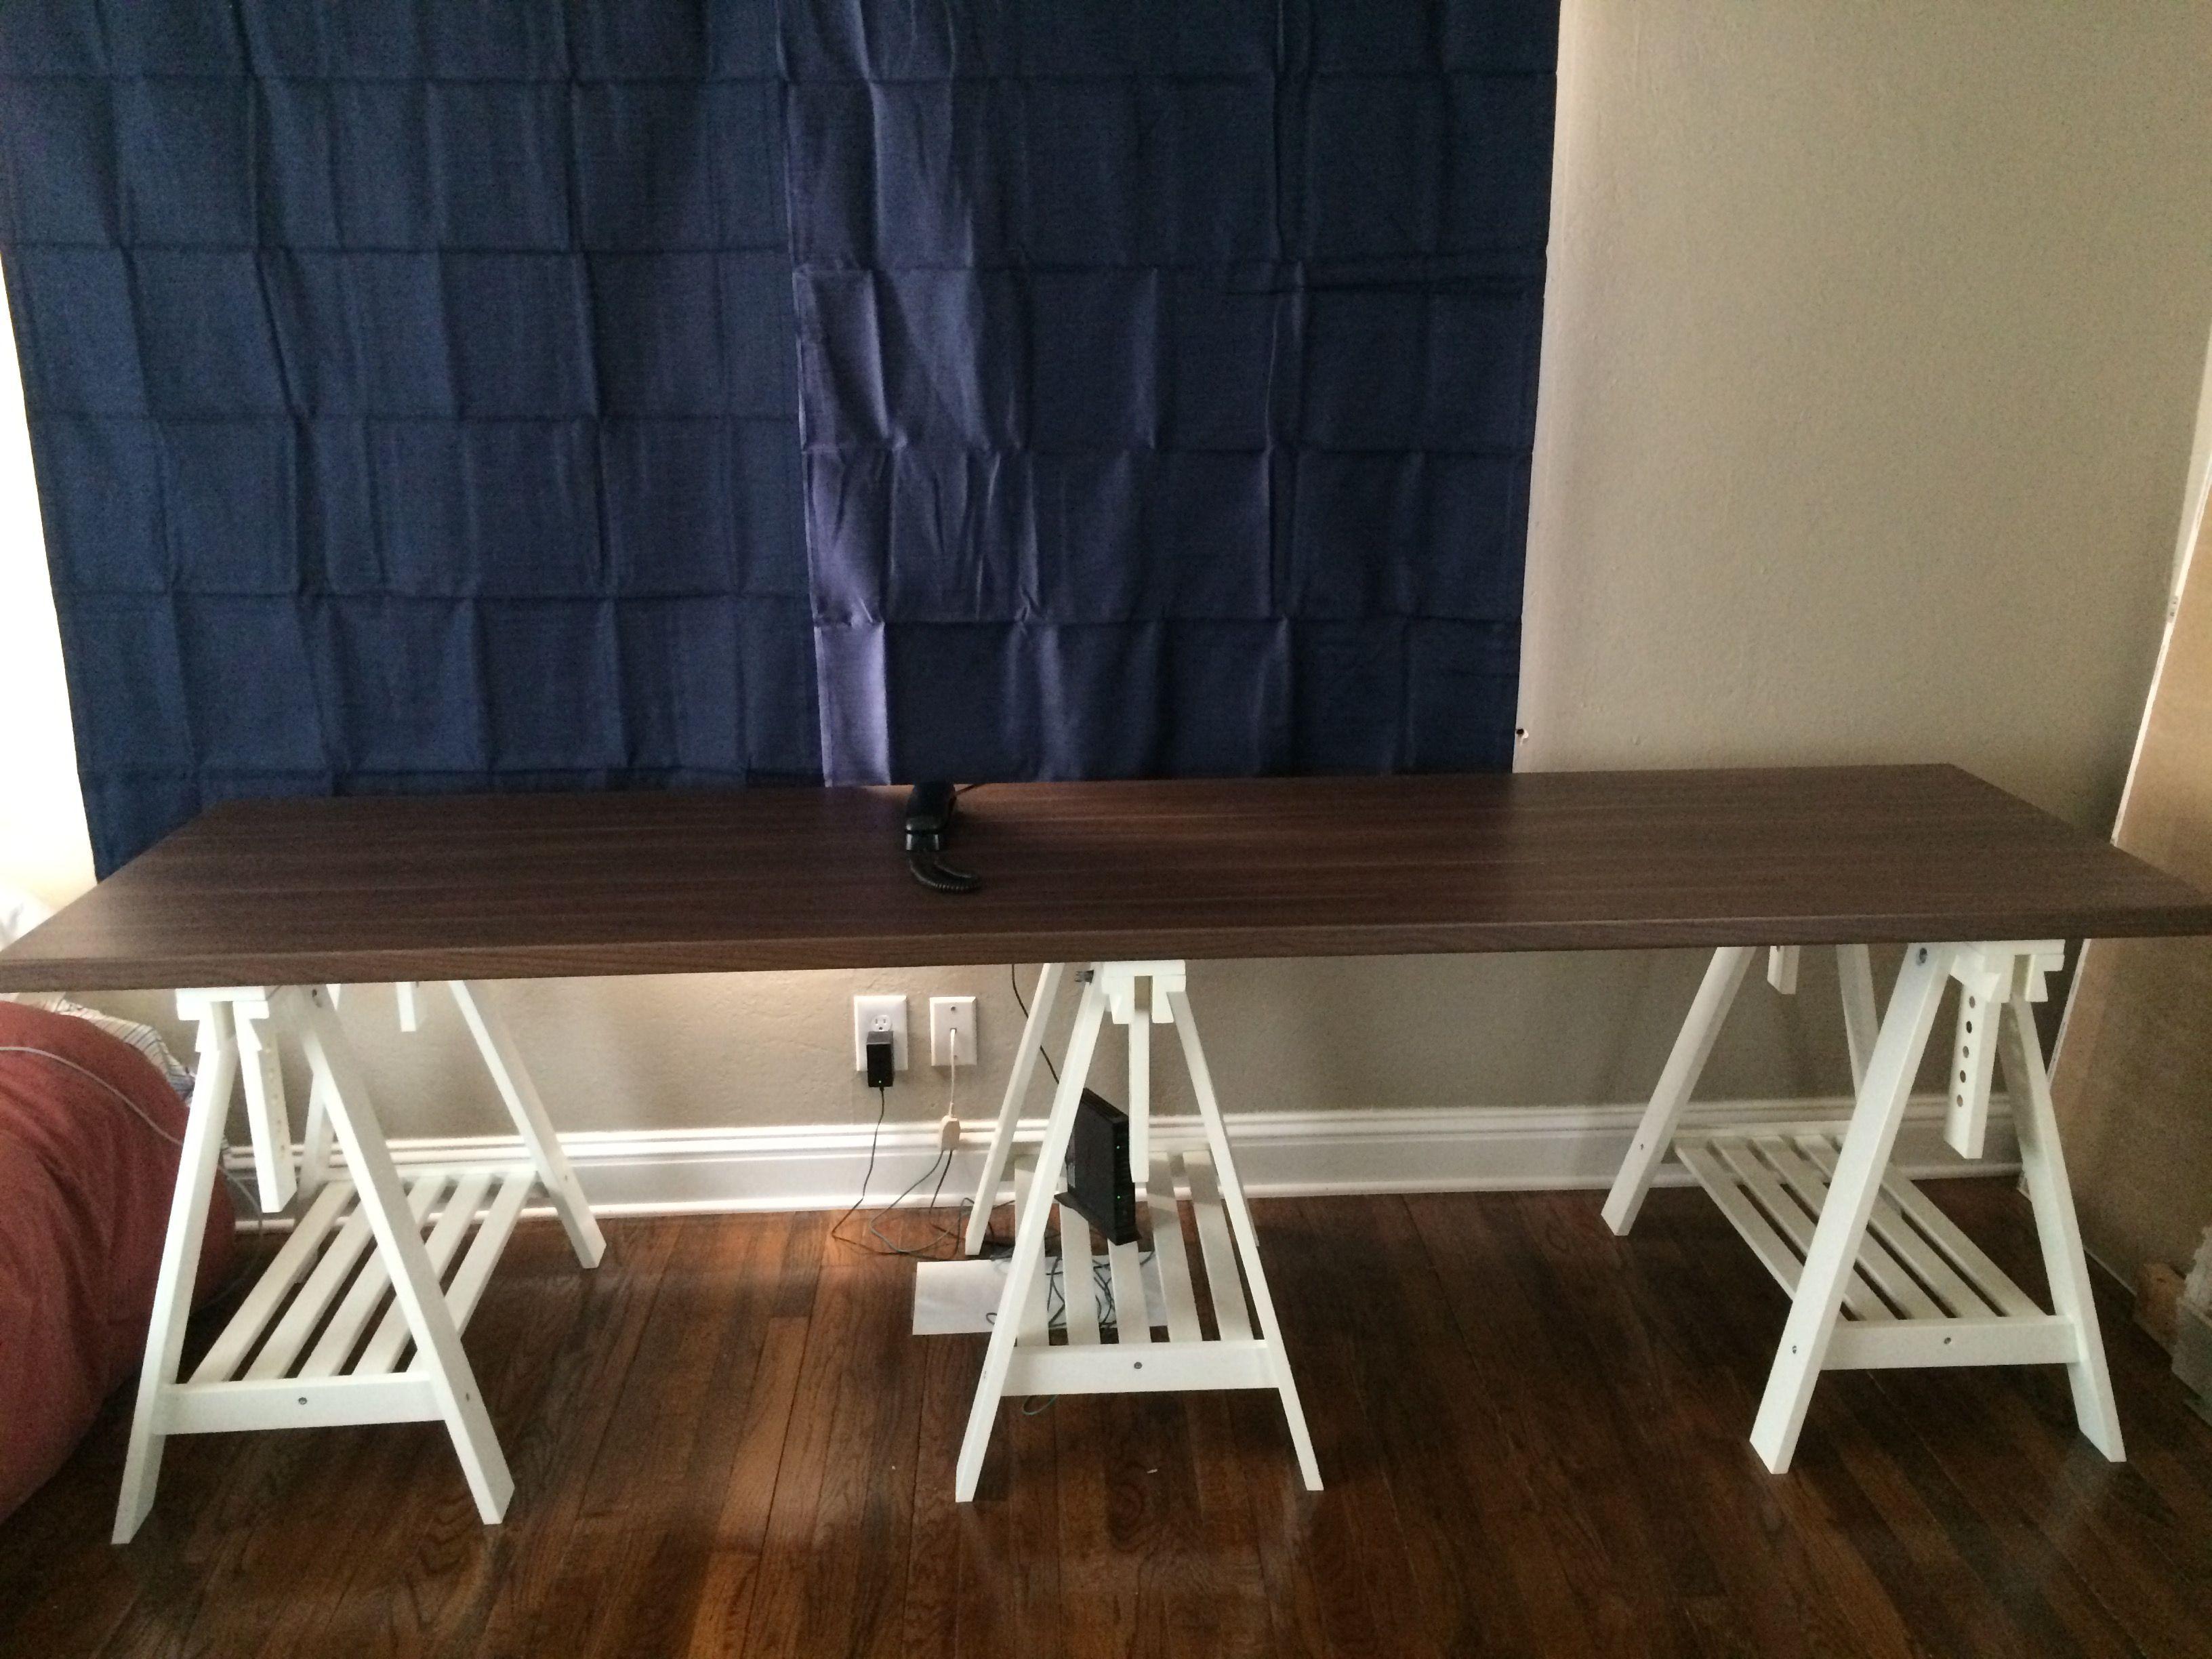 Ikea Kallax Countertop Desk Finnvard Trestle Adjustable Table